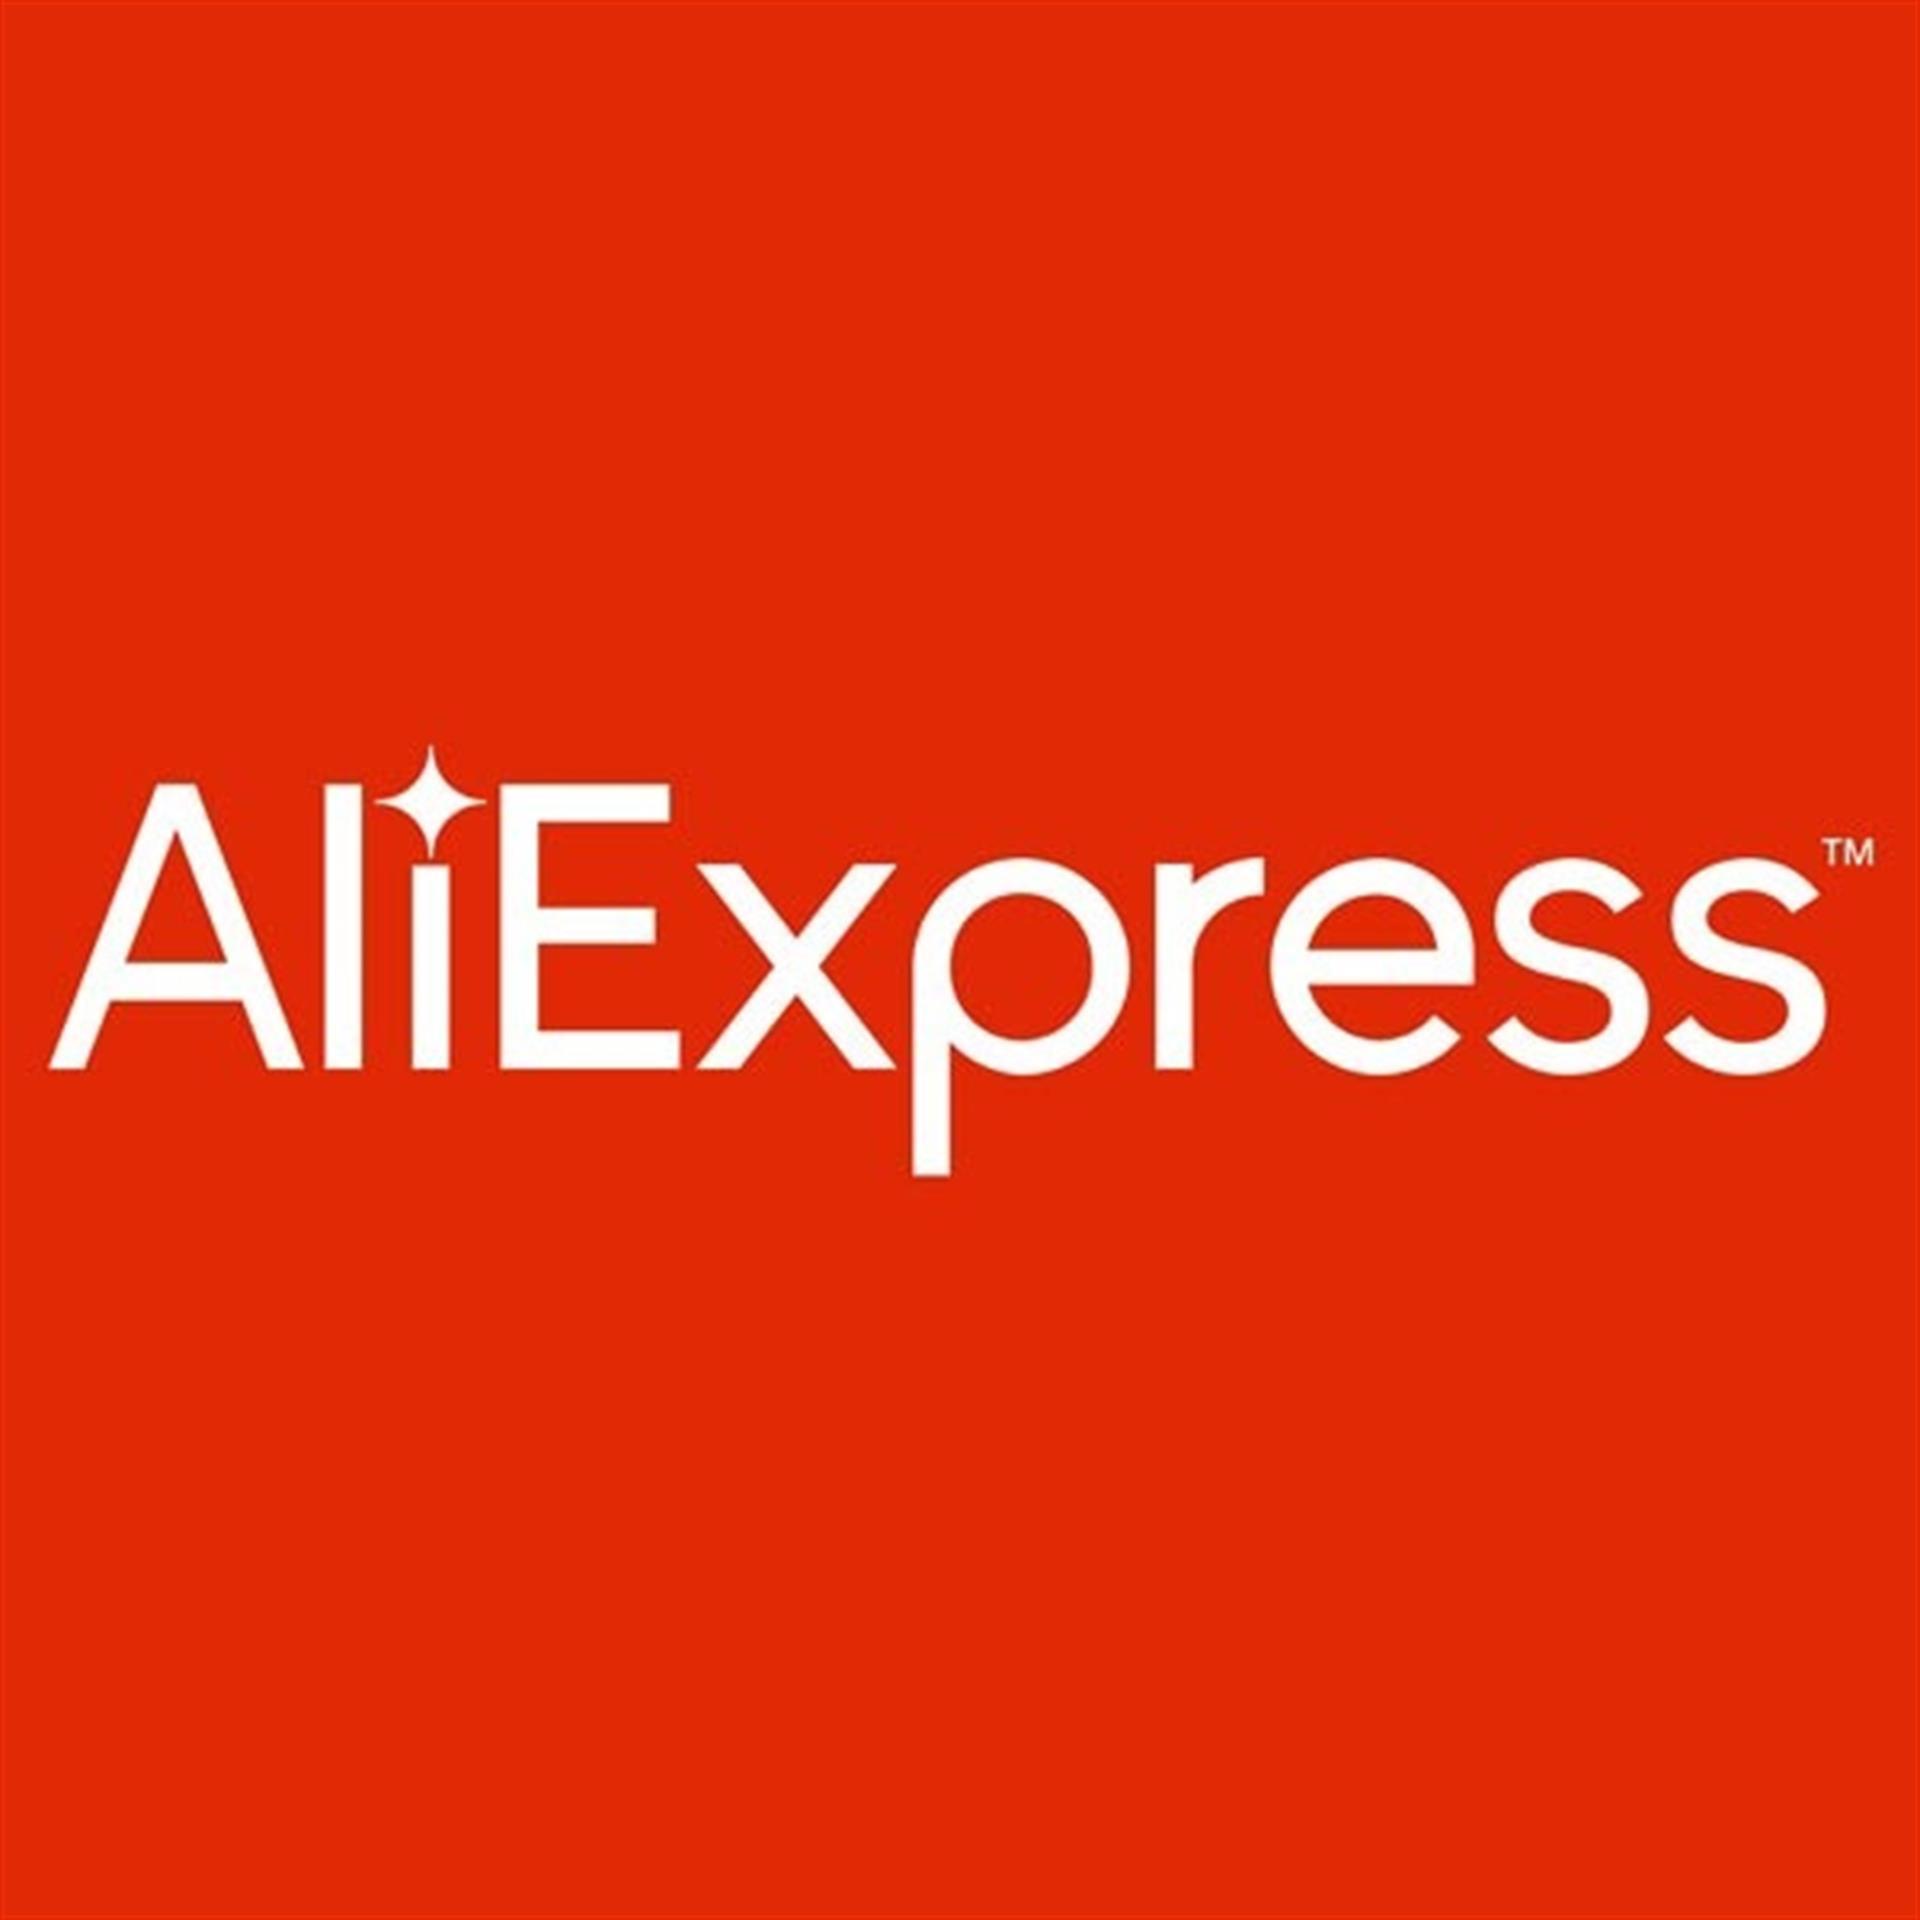 AliExpress hace premium sin necesidad de suscripciones a todos los consumidores de España.